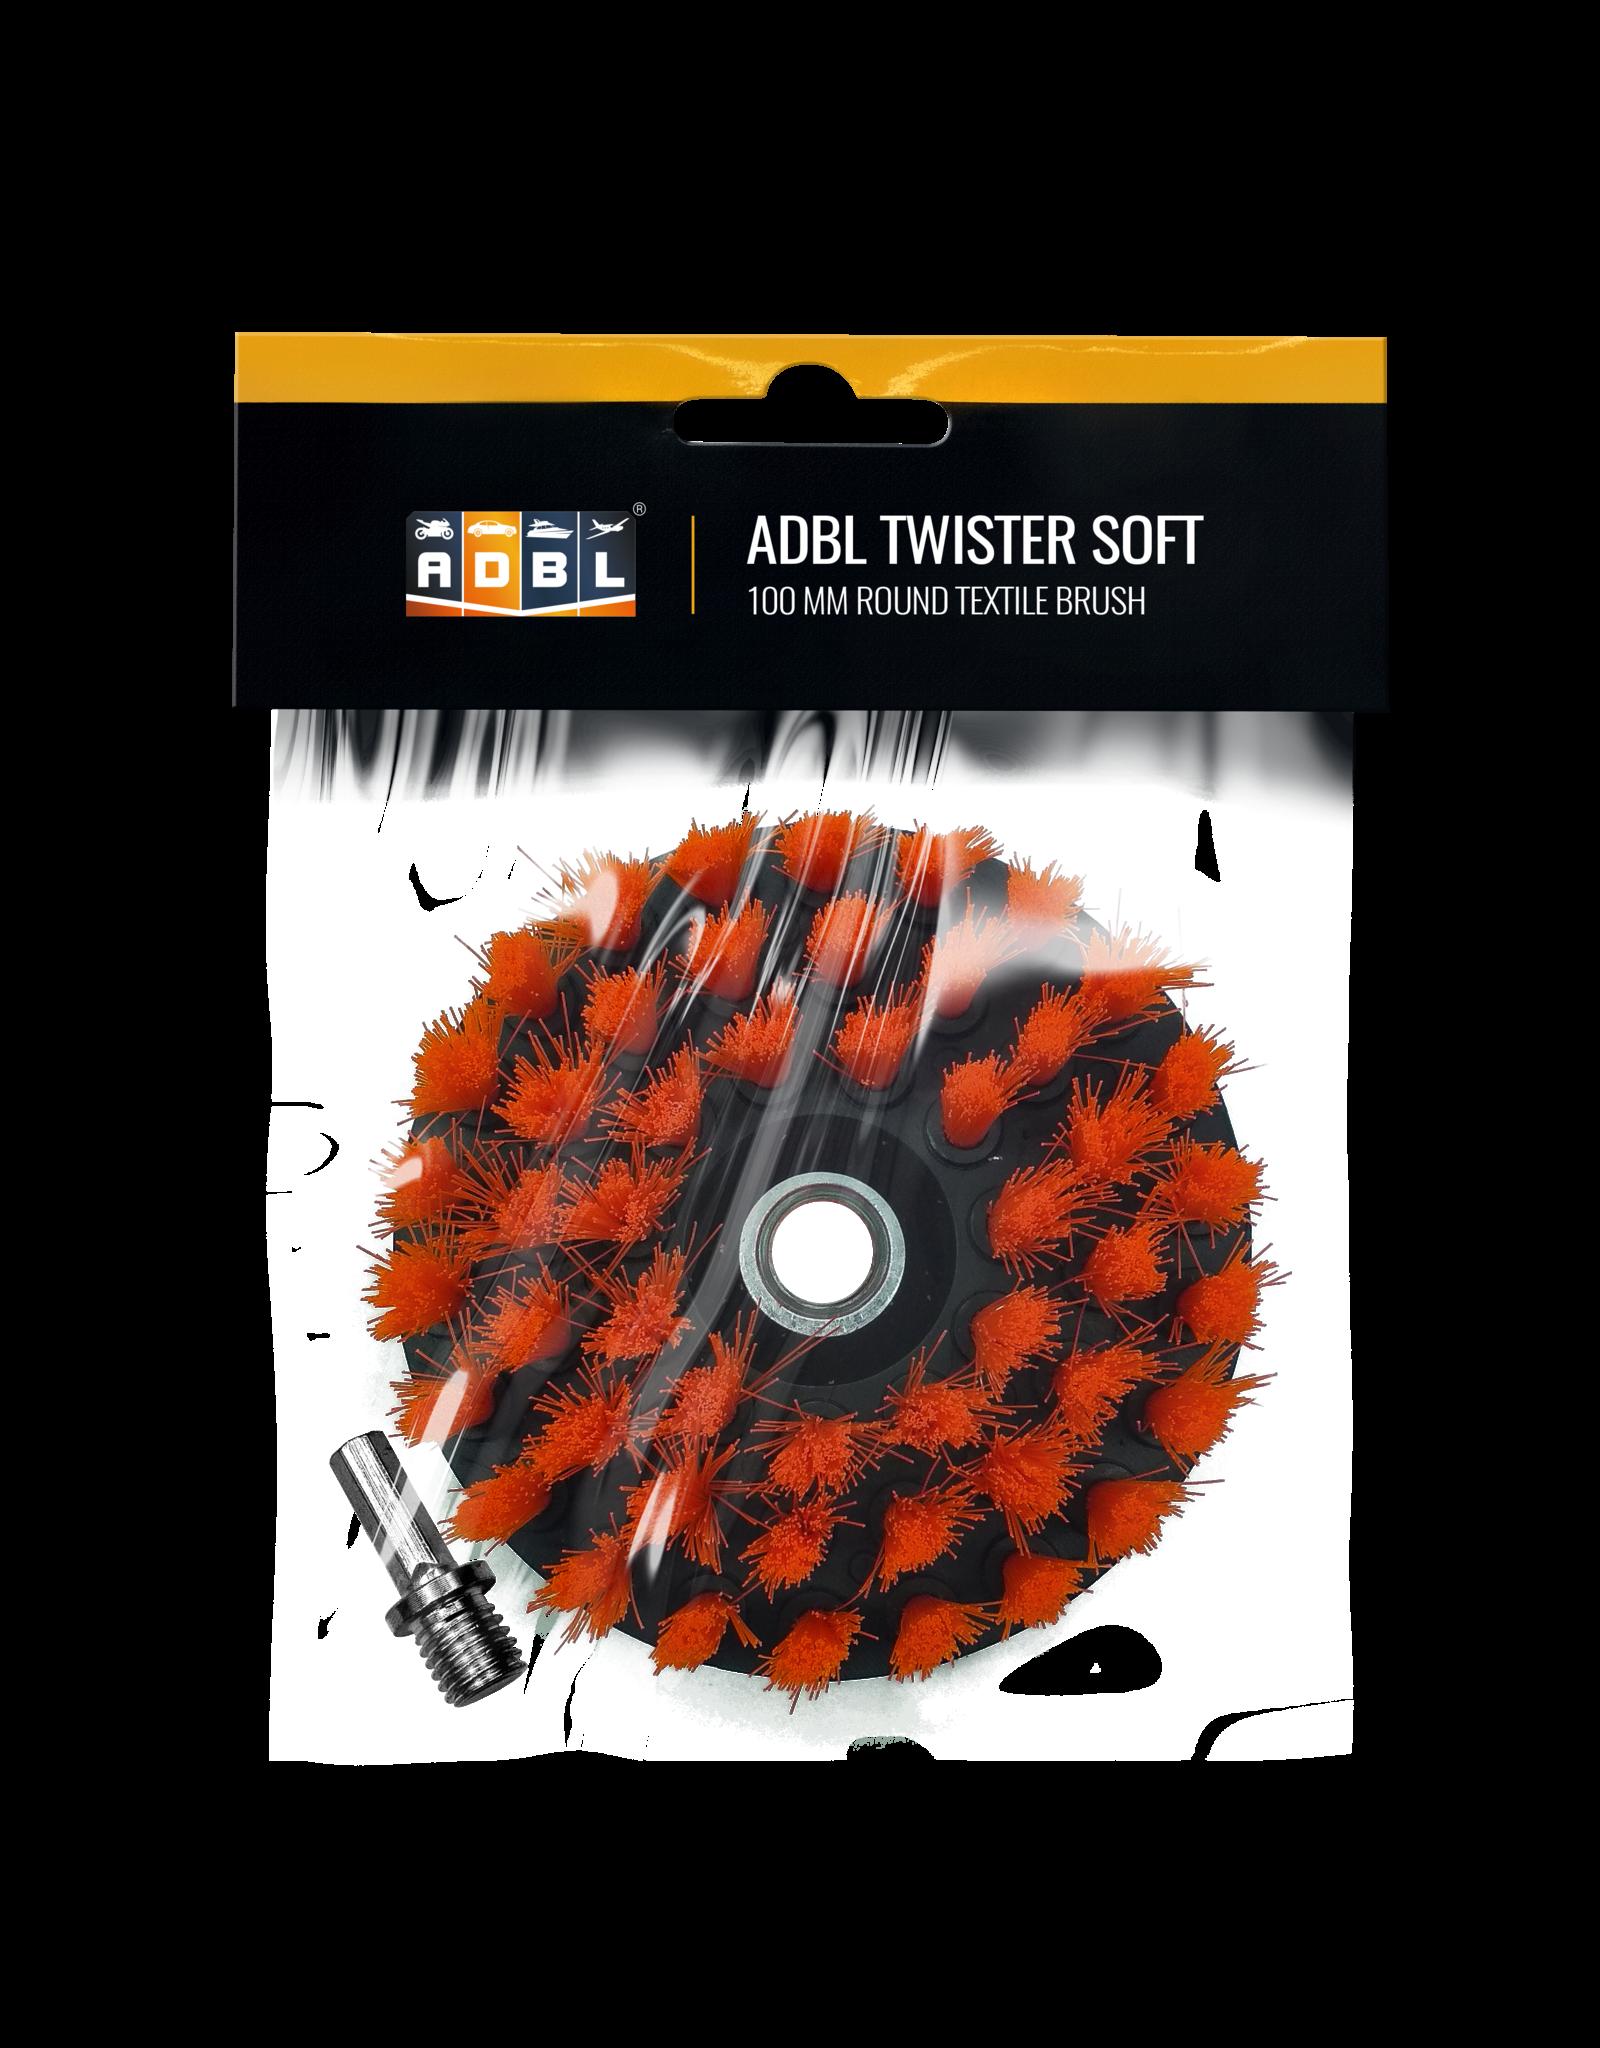 ADBL Twister Soft 100ml